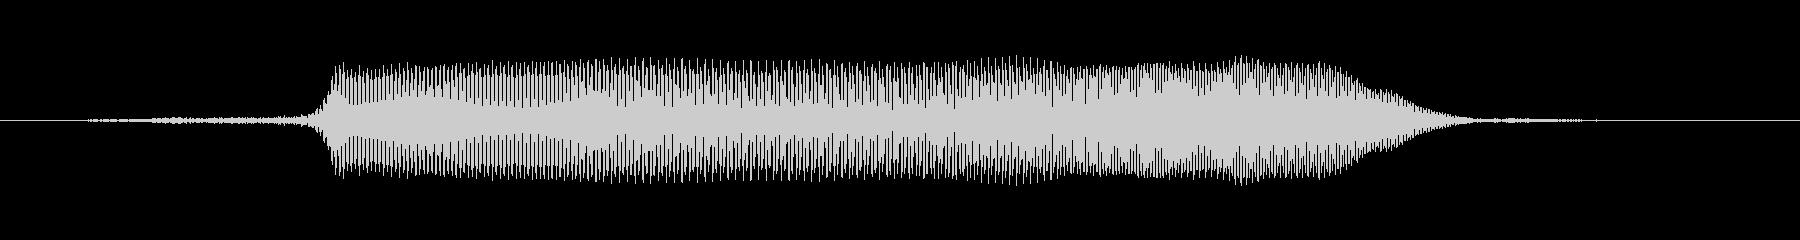 リトルレッドモンスター:Uの未再生の波形